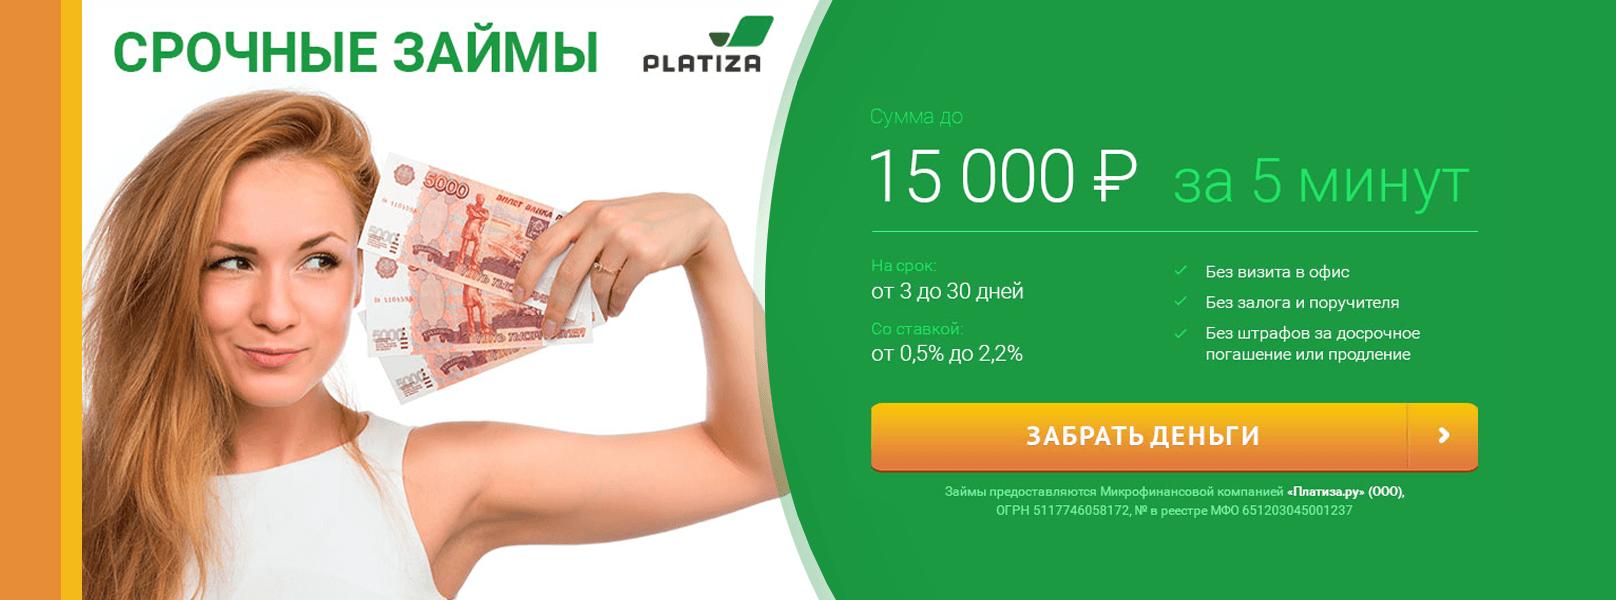 Микрозаймы в Белореченске — получите займ онлайн быстро и без справок о доходе